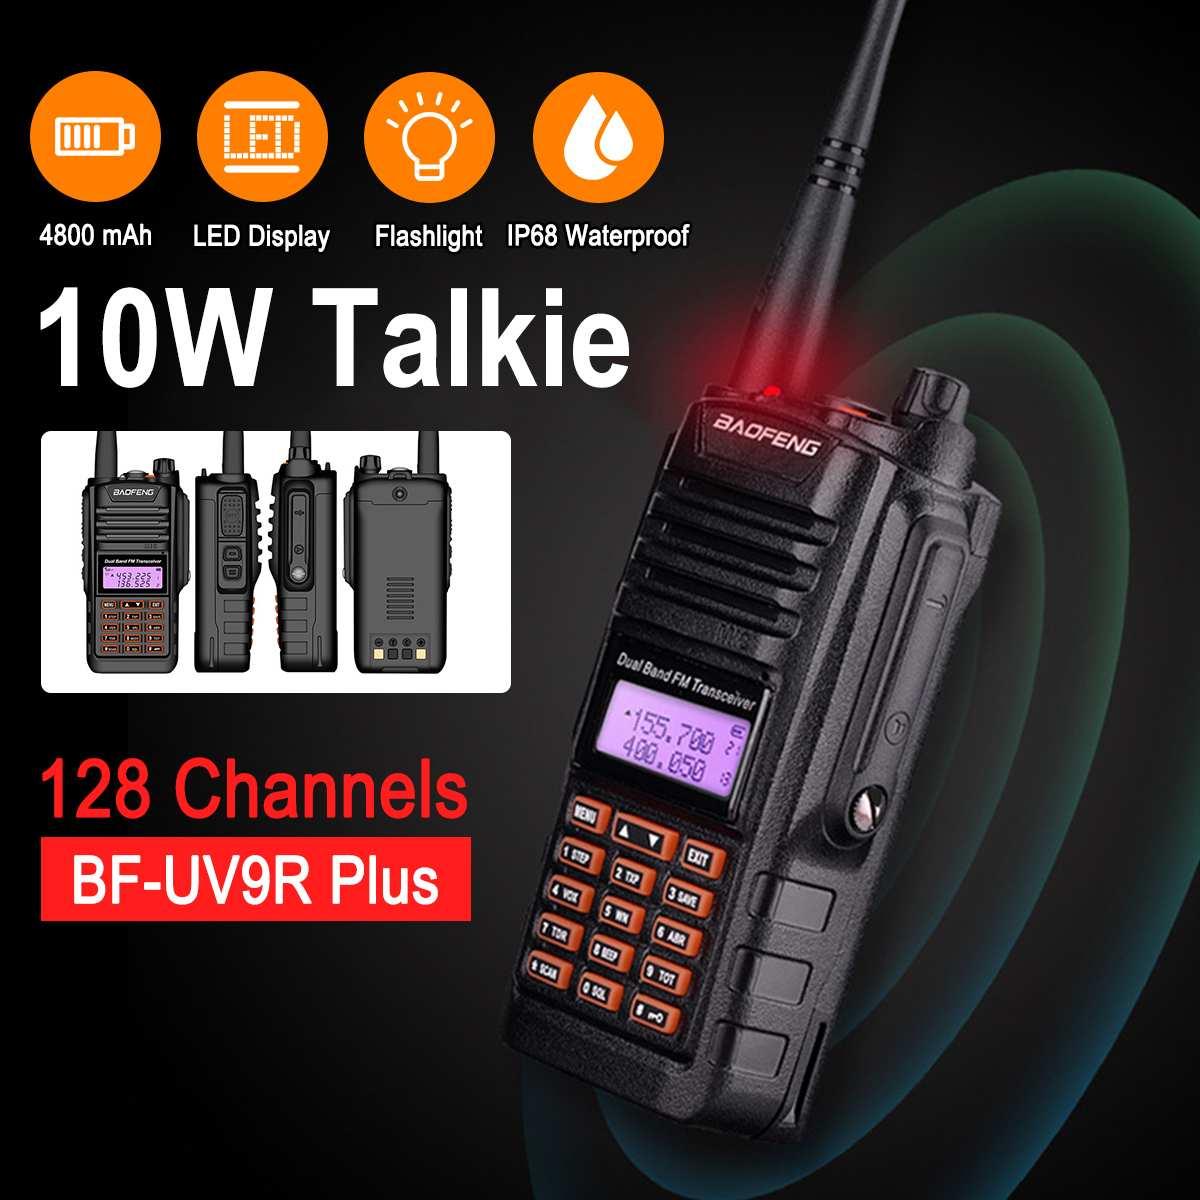 Baofeng UV-9R Plus 10W VHF UHF Walkie Talkie Dual Band Handheld Waterproof 10km Two Way Radio Transceiver PMR 9R Transmitter